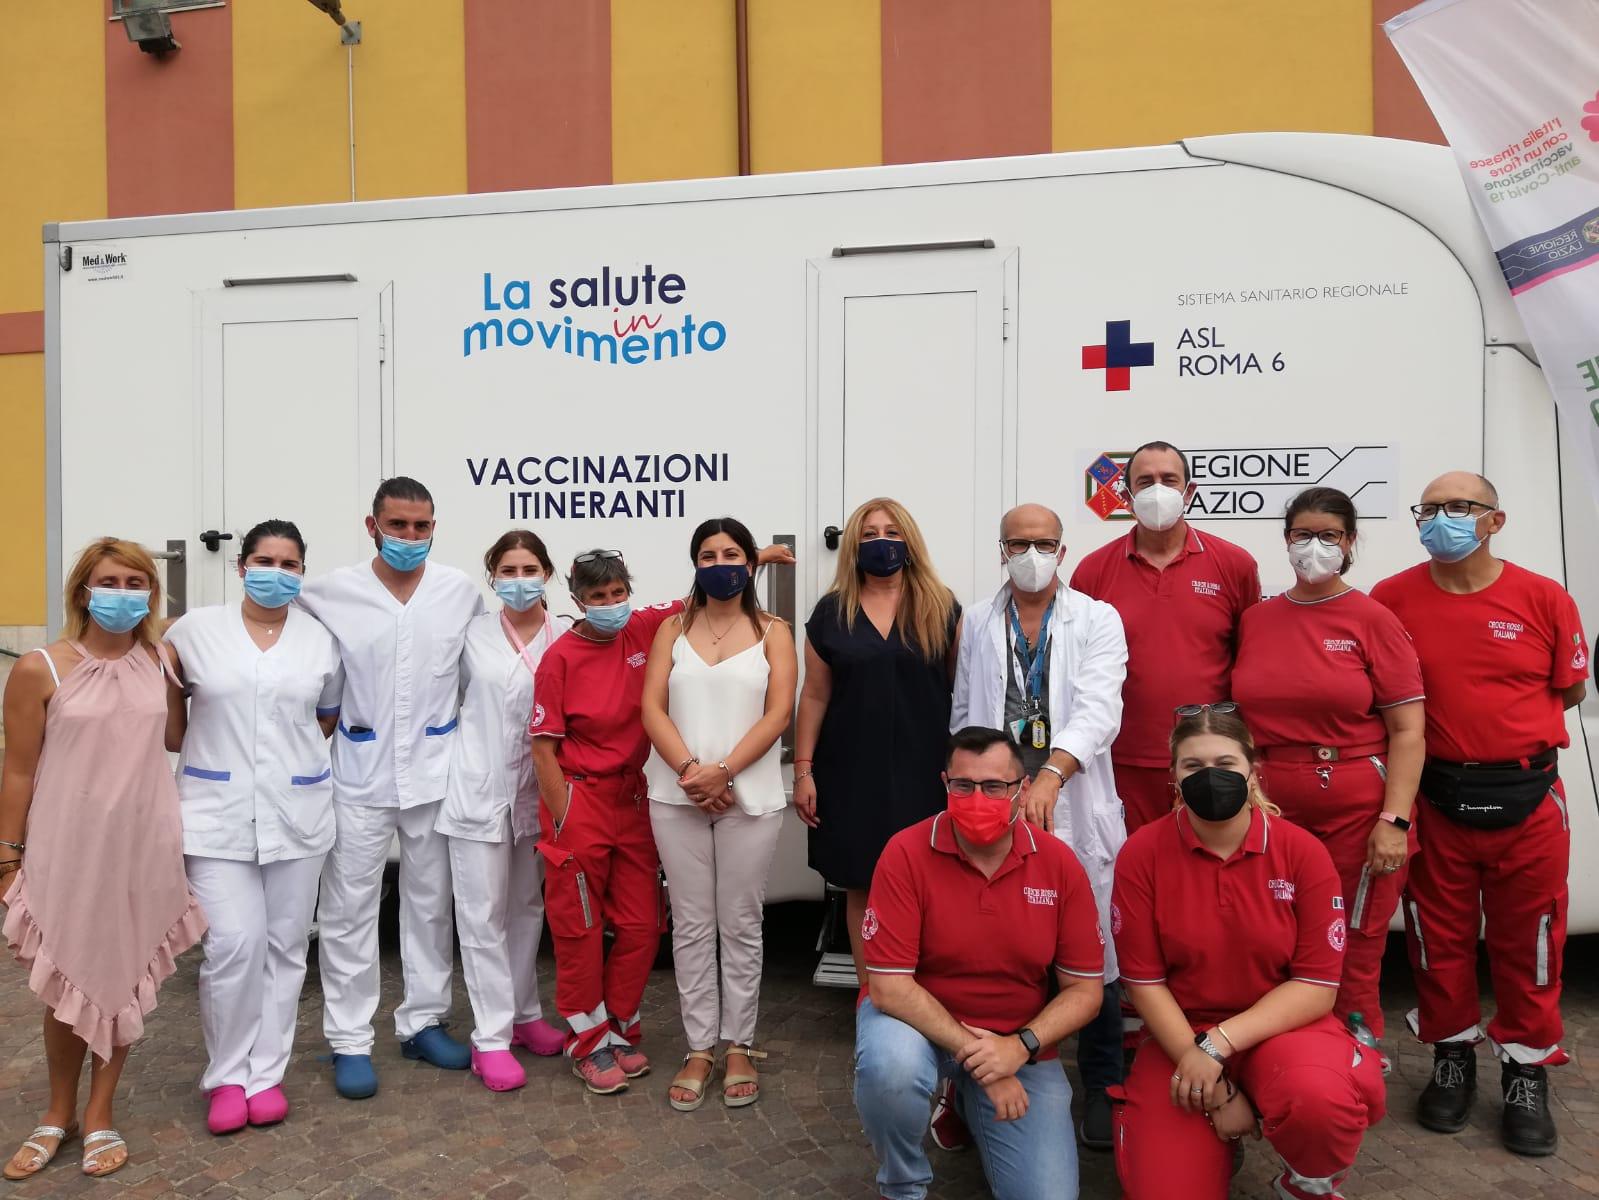 Pomezia, Salute in Movimento: arriva il camper della Asl Roma 6 per i vaccini itineranti anti-Covid